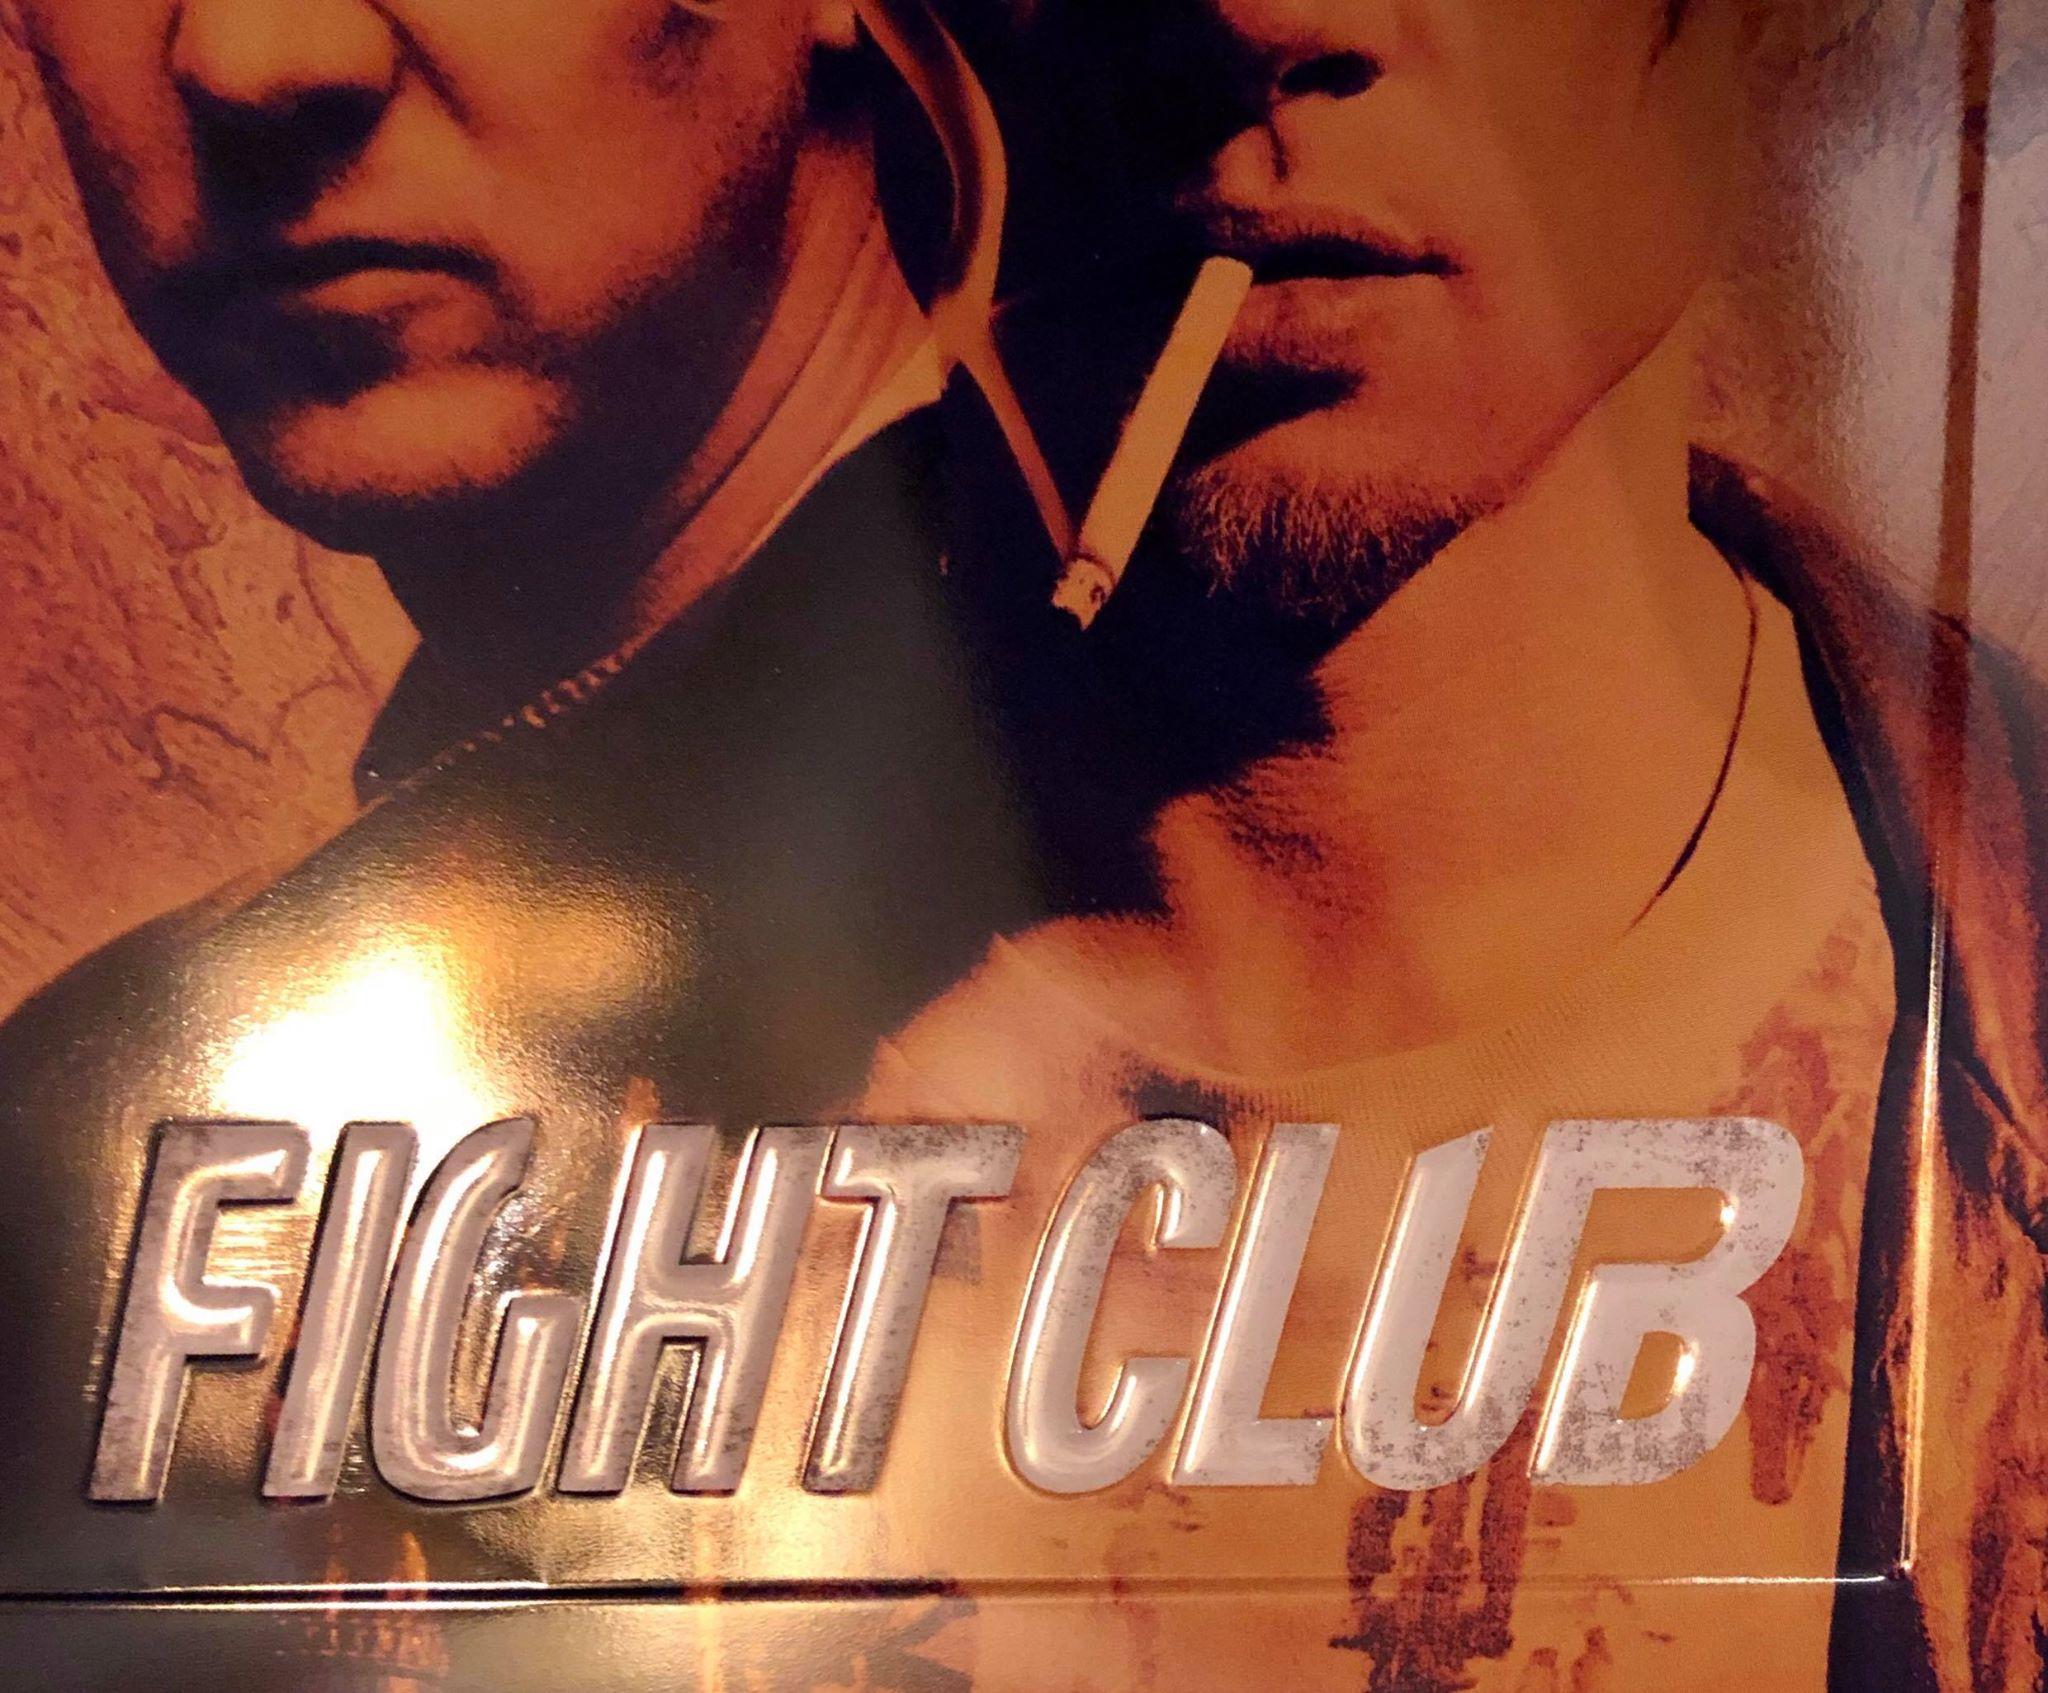 Fight Club steelbook Manta Lab 4